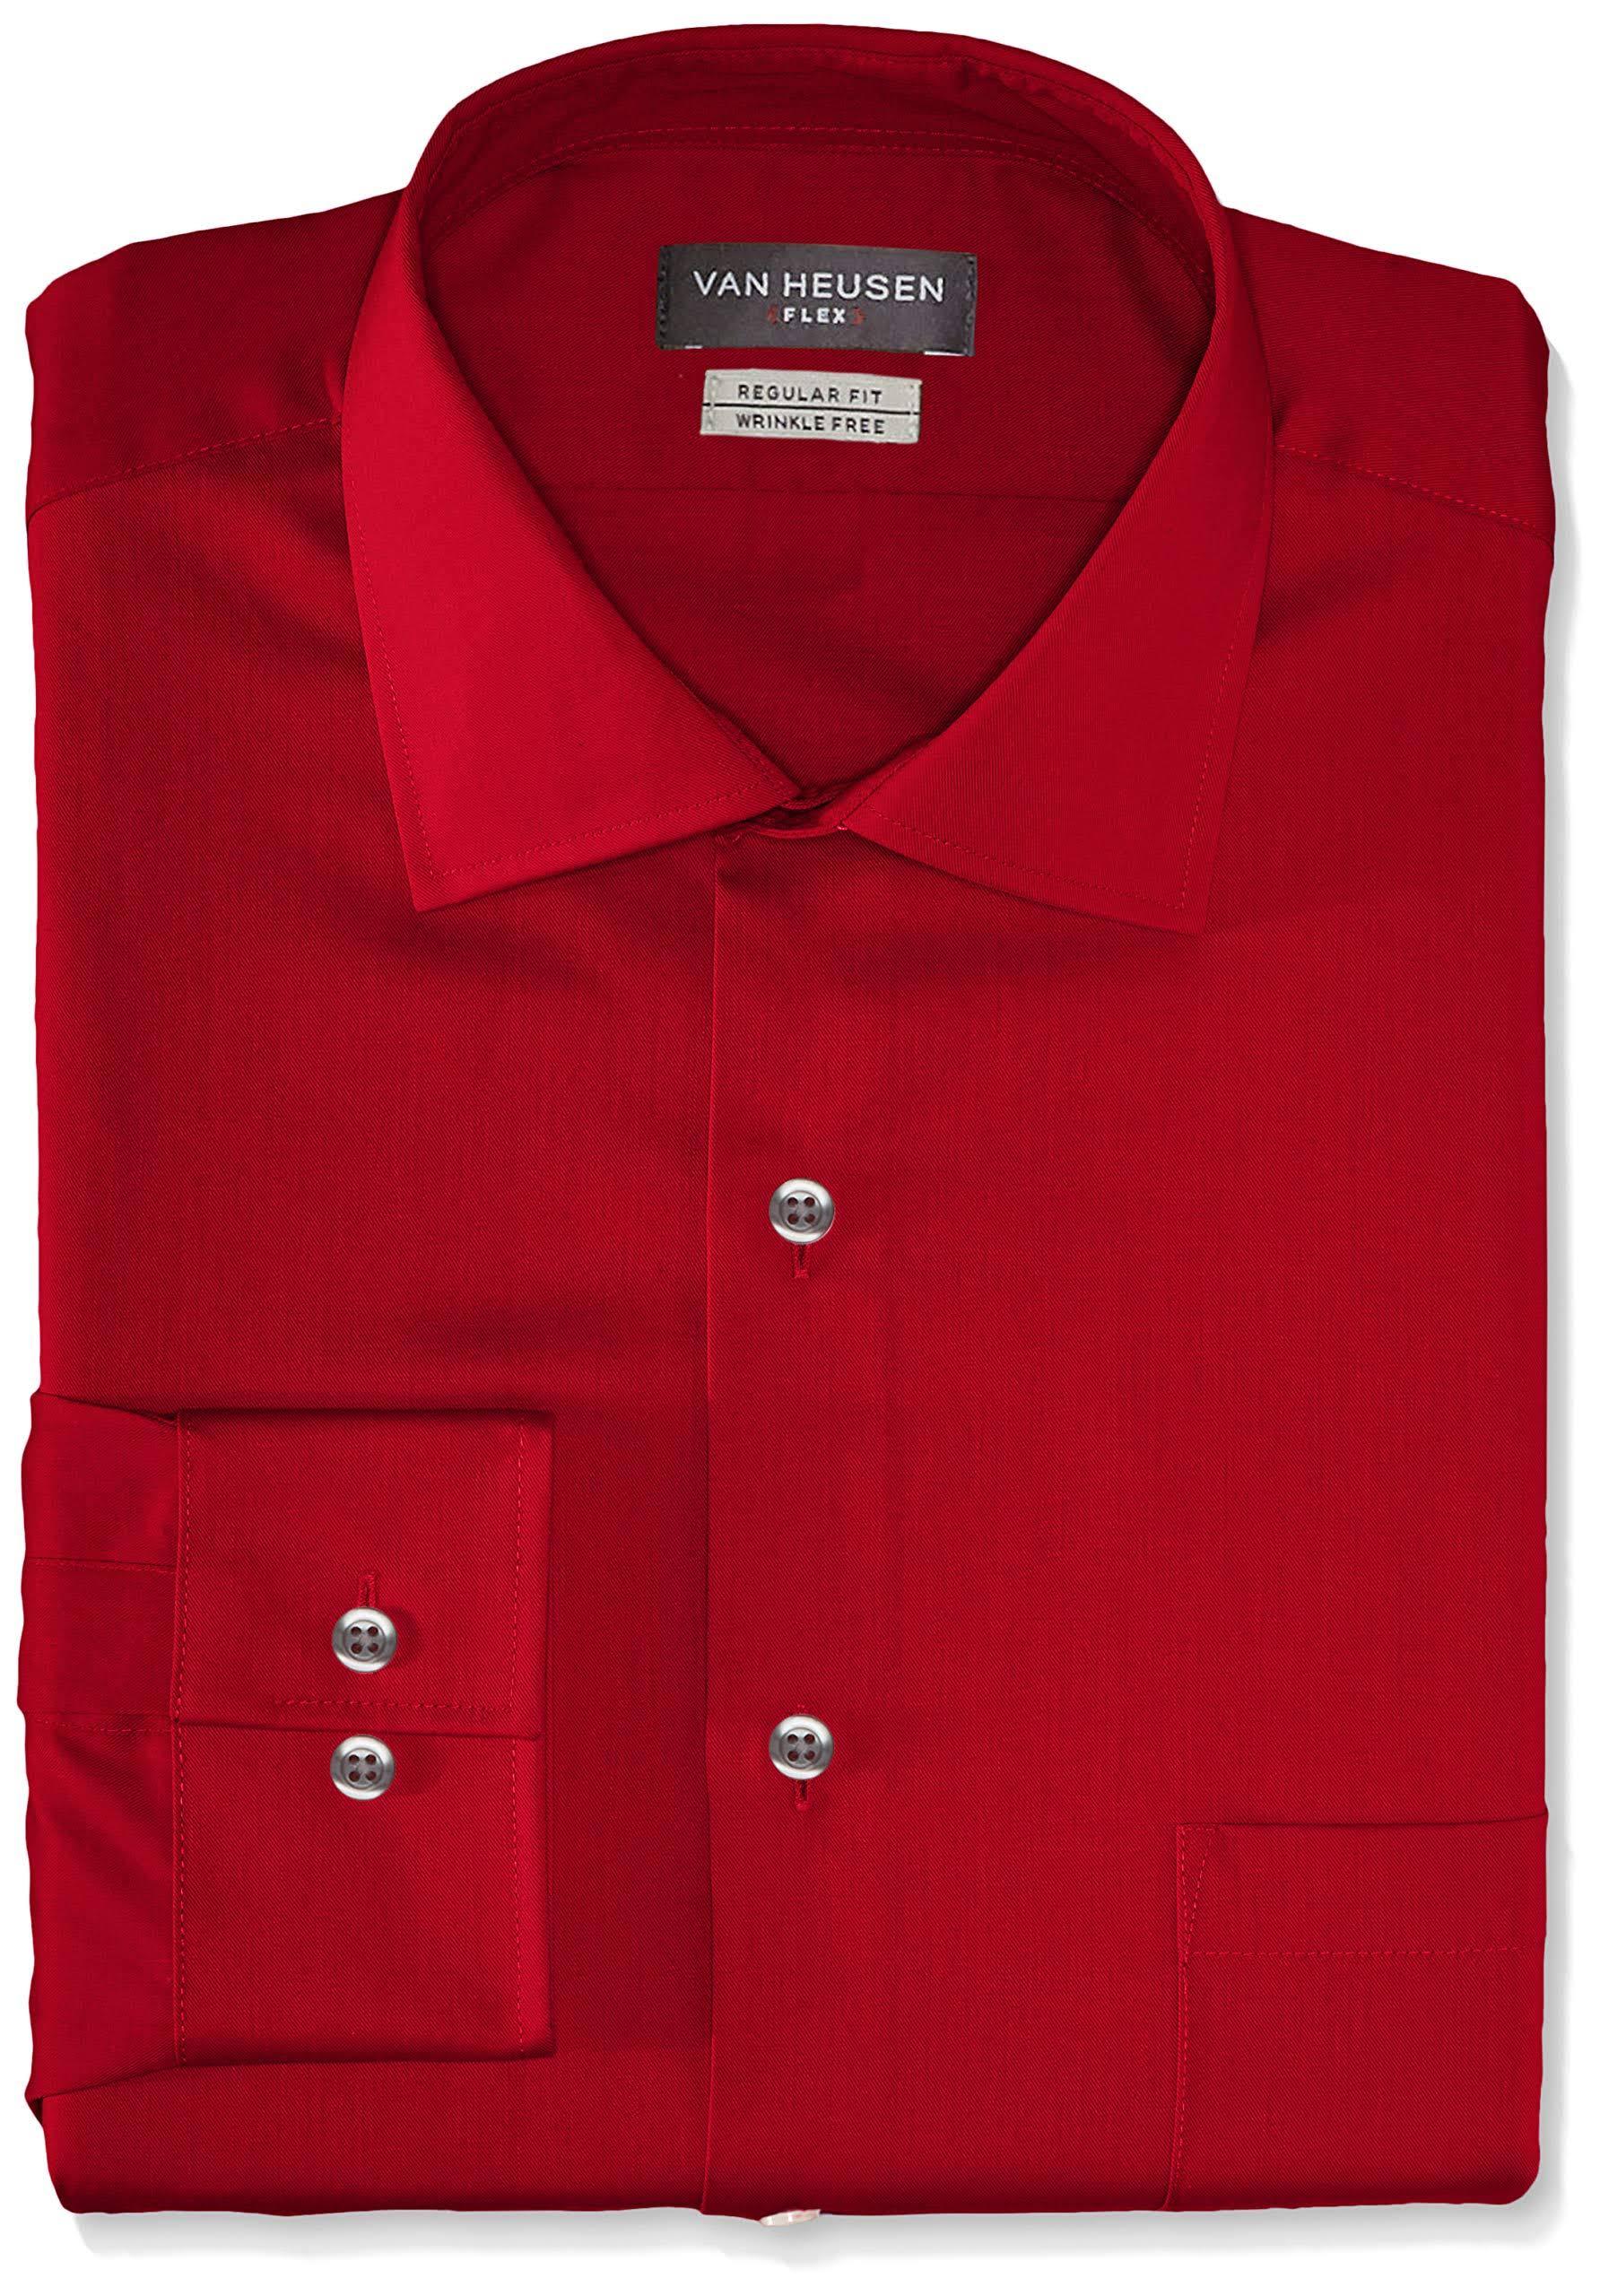 Flex Vestir Regular Fit Hombre De Heusen Camisa Solid Van Para Yvqw5